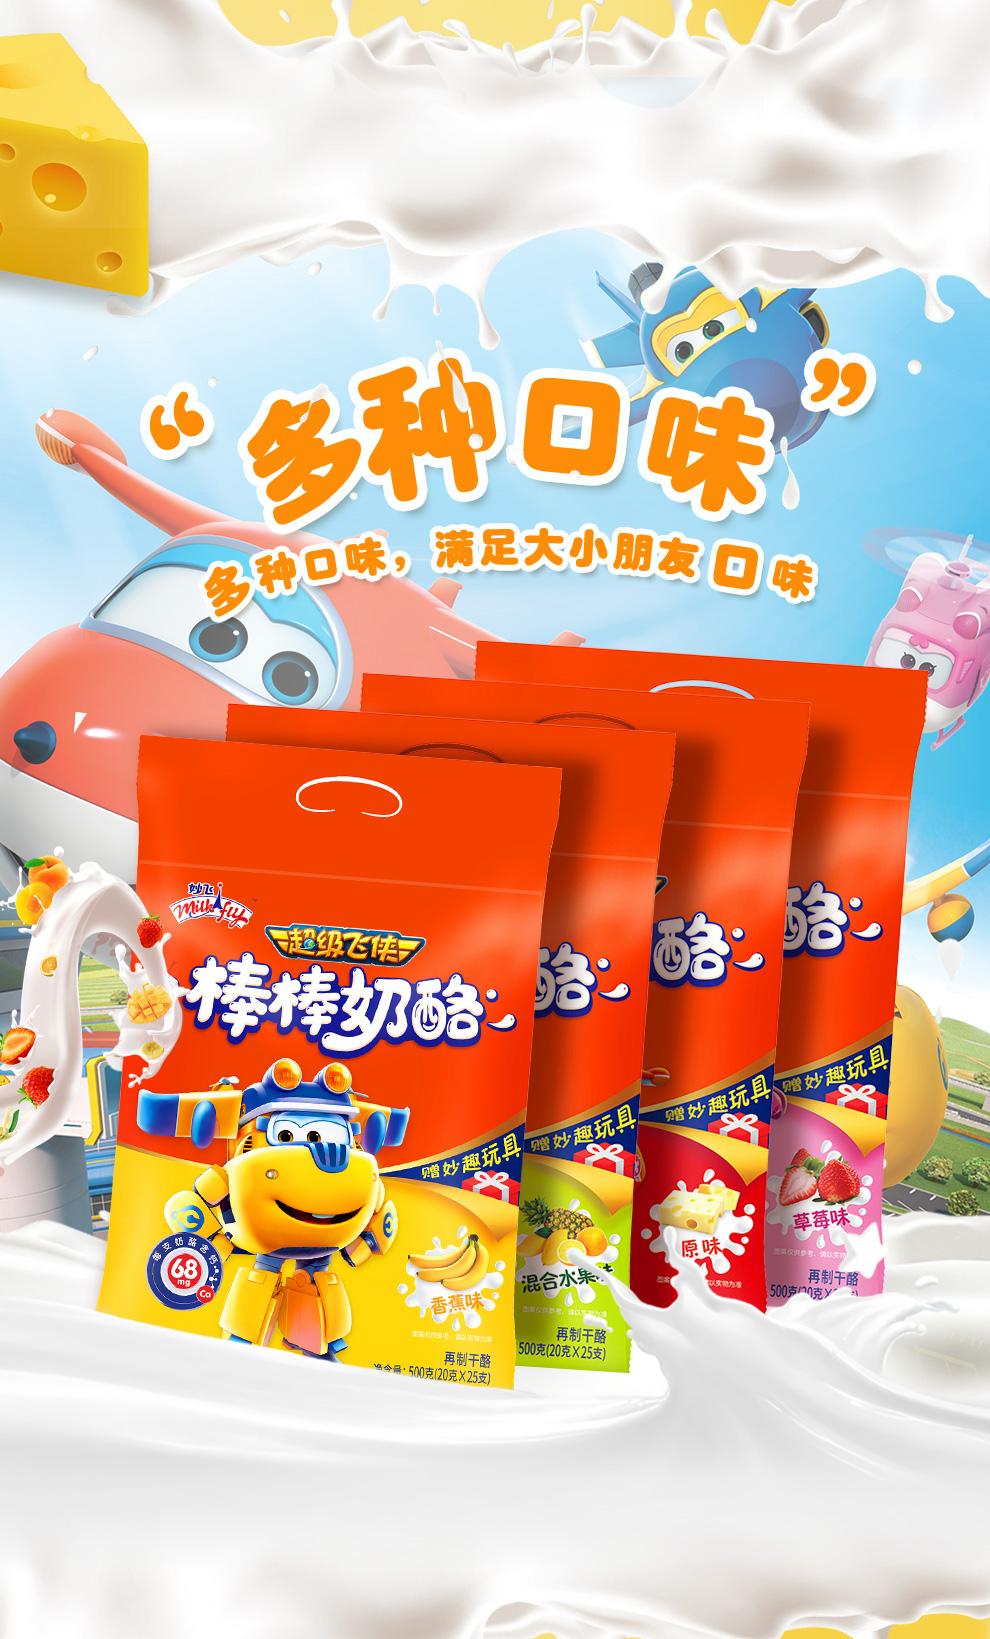 多种口Q超级飞棒棒奶酷趣具趣玩身玩具一动玩具妙草莓味原68混合水再制干蕉味再制干酪再制干酩500克-推好价 | 品质生活 精选好价